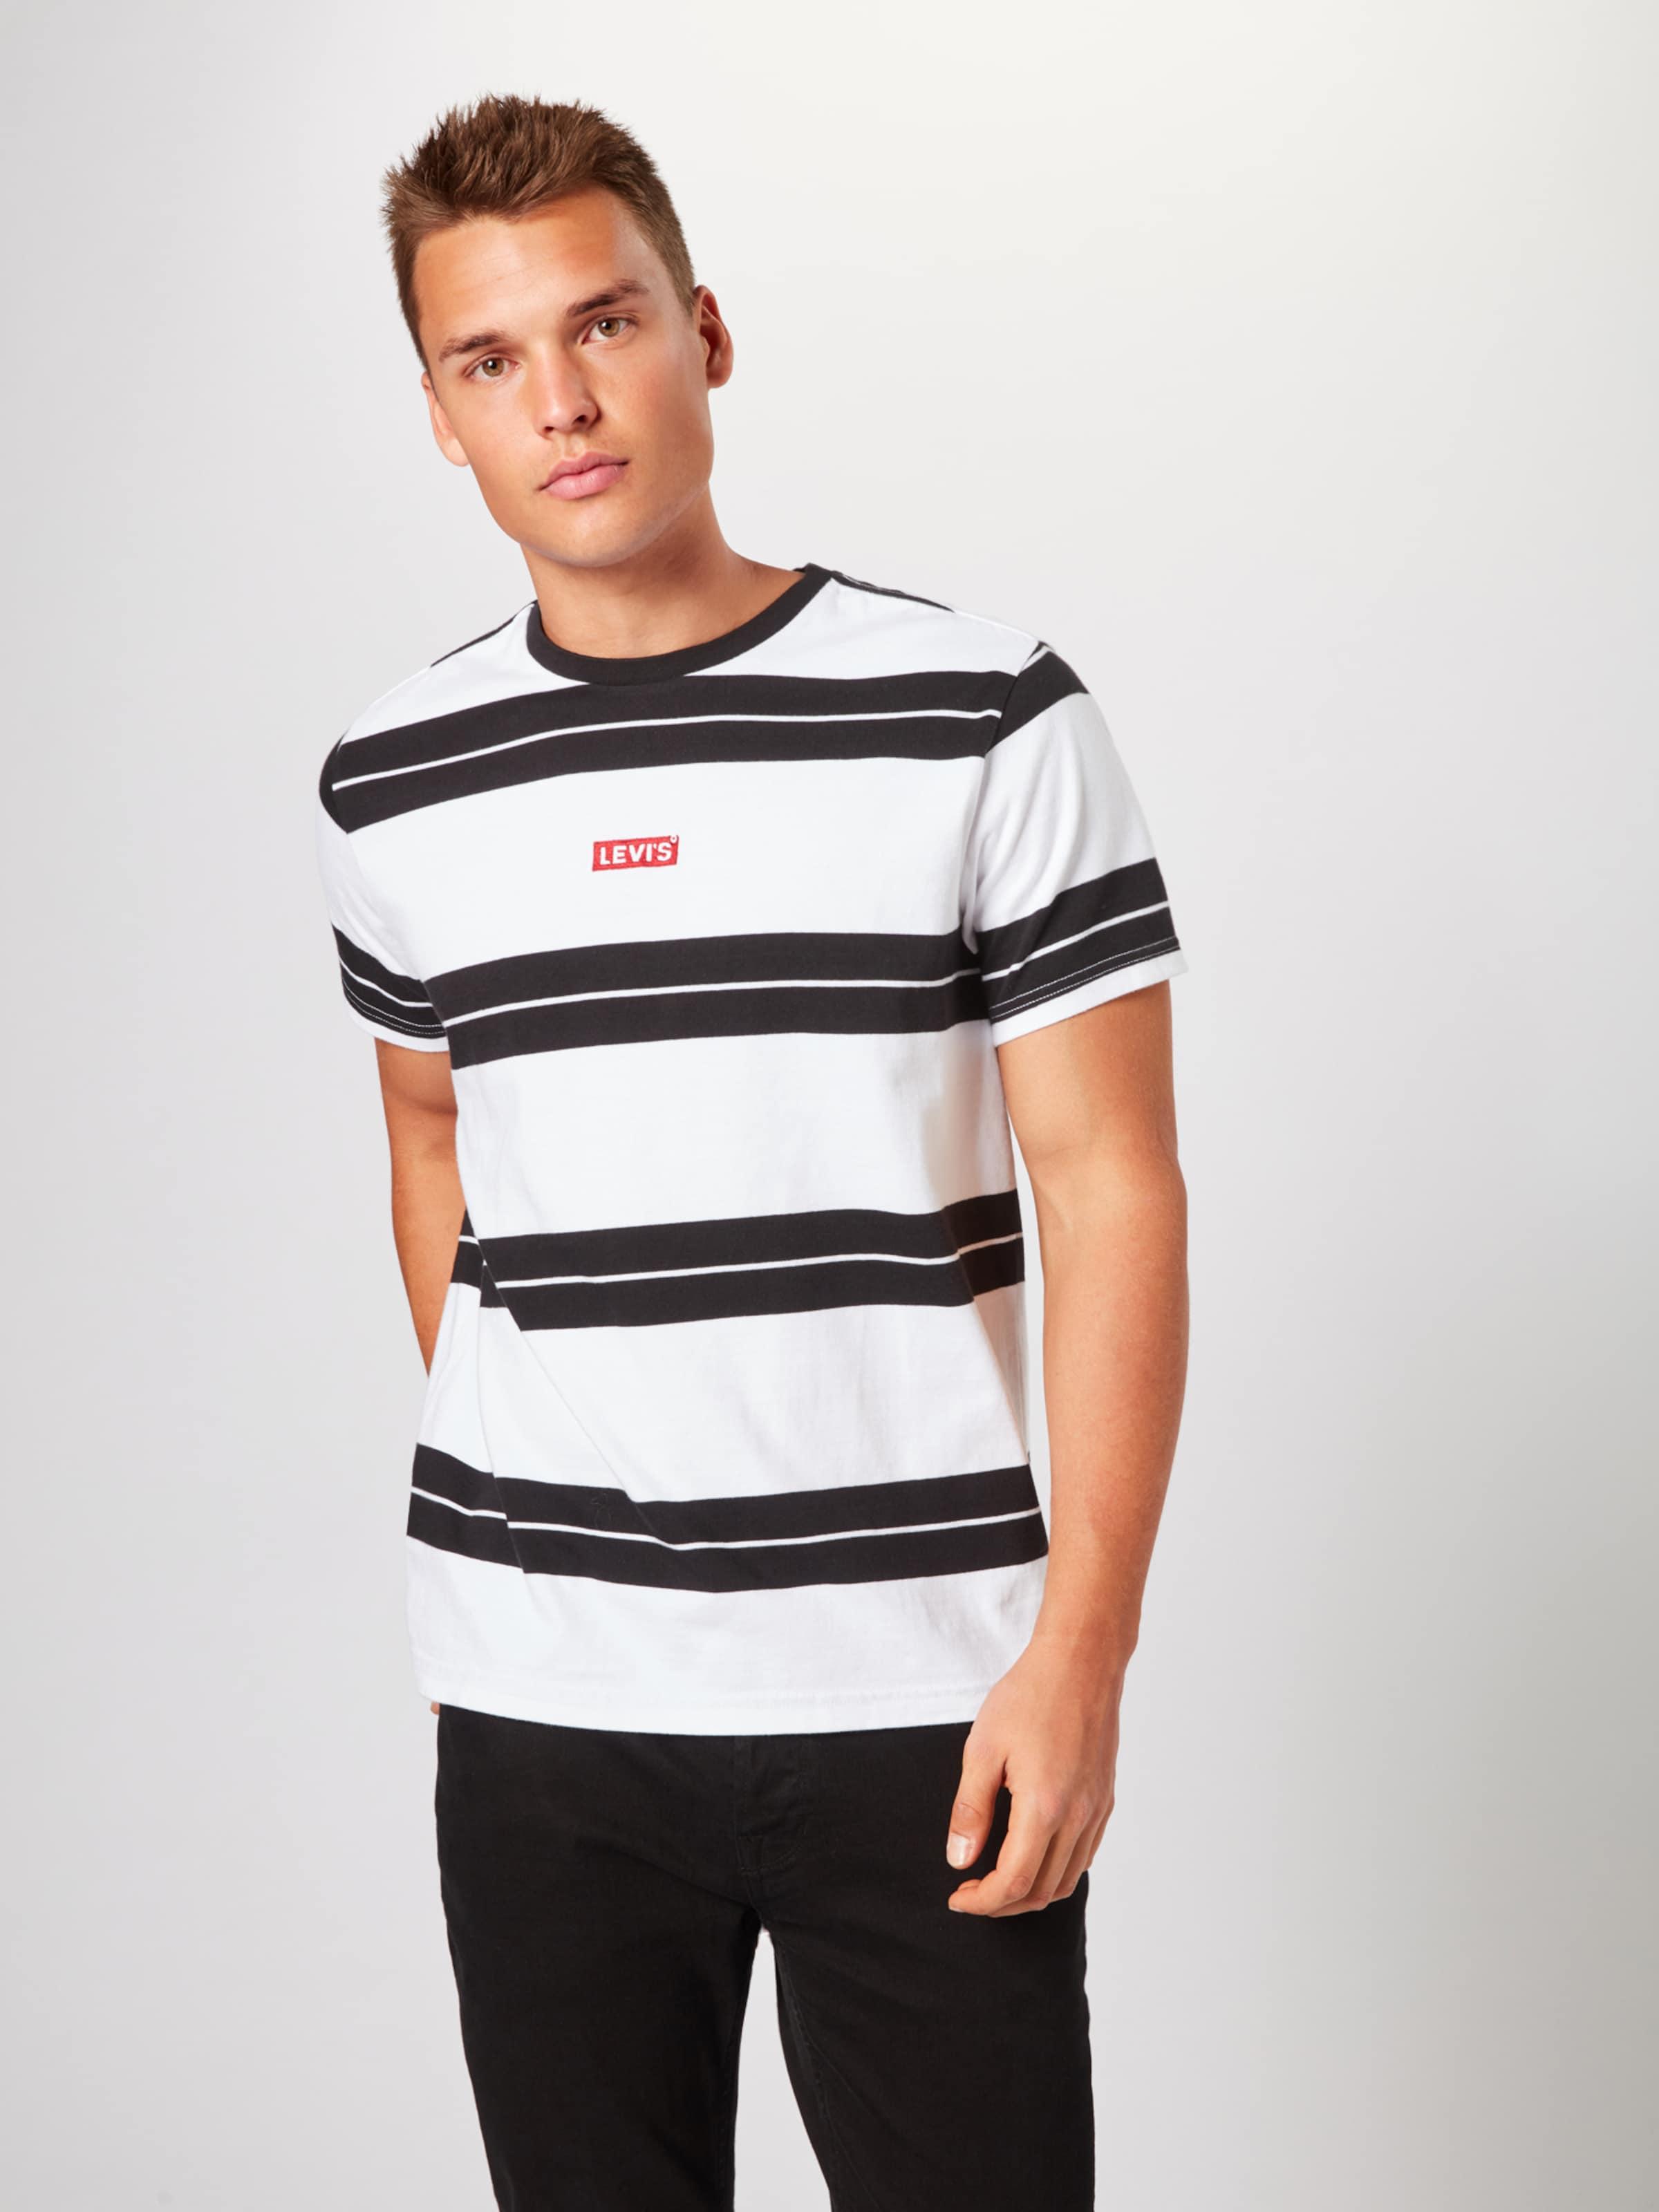 Levi's 'relaxedbabytabtba En T shirt Bytab' Noir Nnyvw80Om